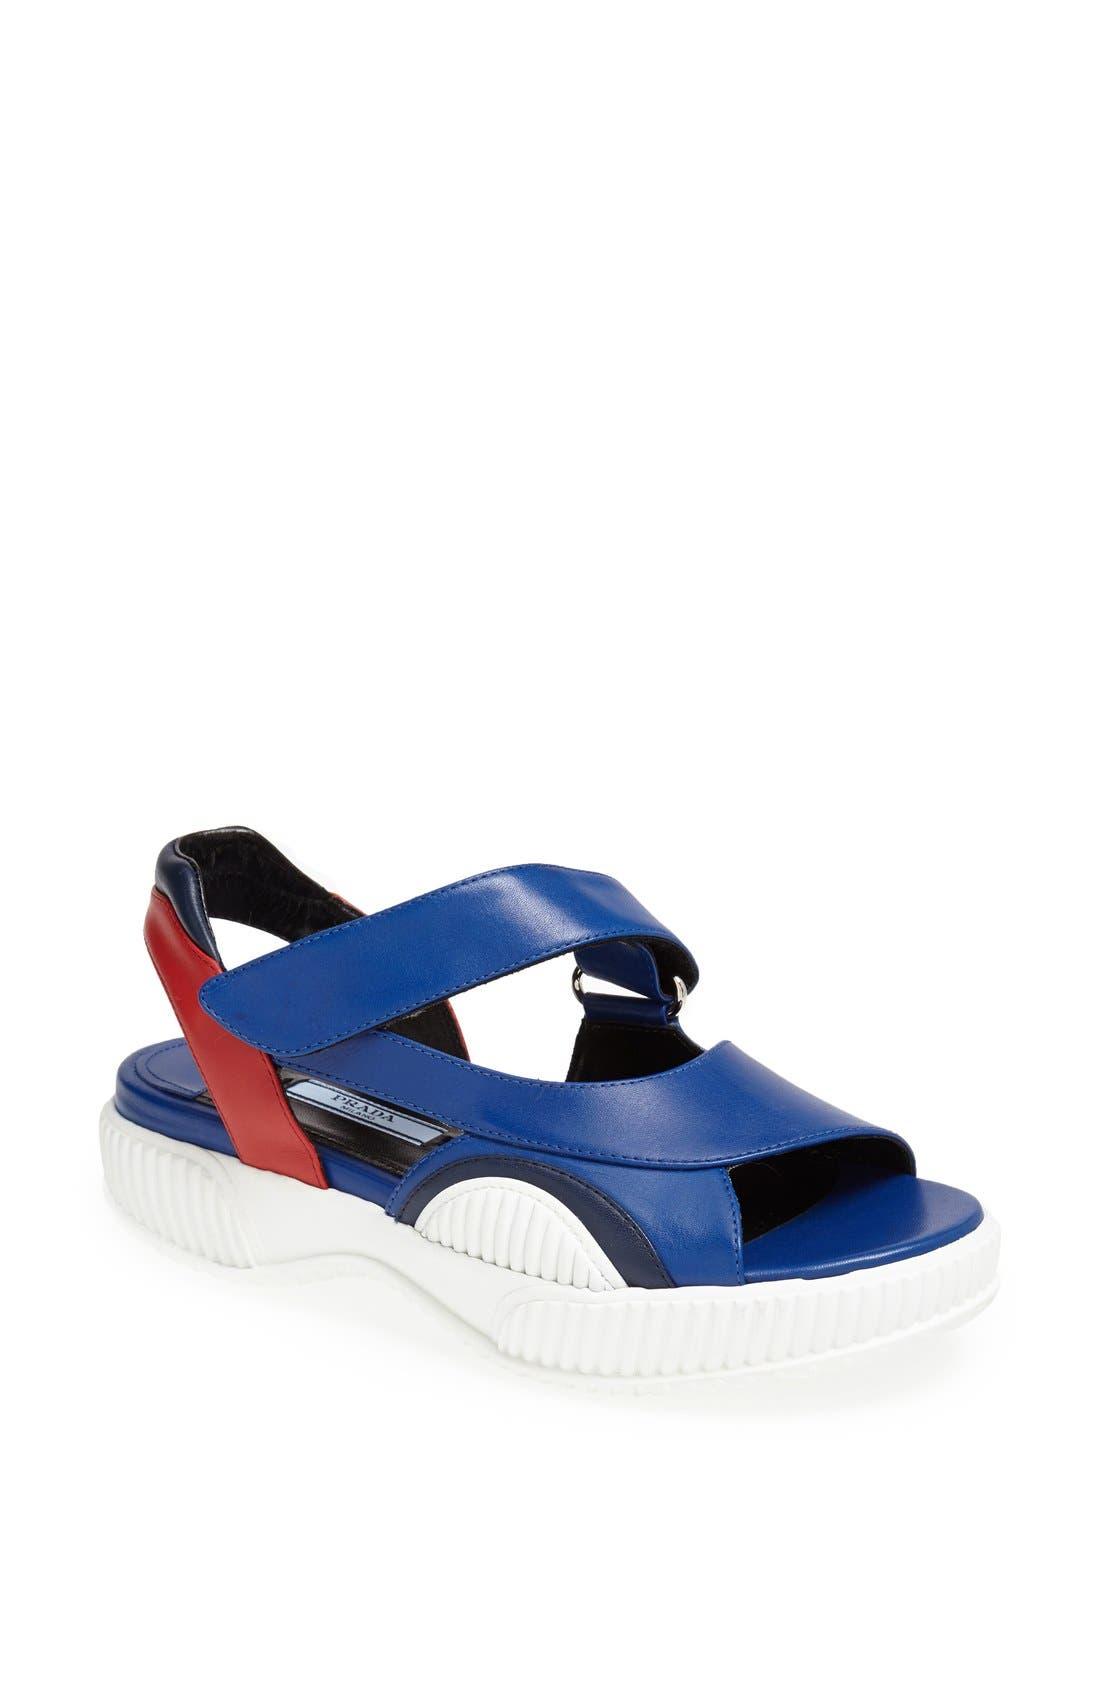 Alternate Image 1 Selected - Prada Sport Sandal